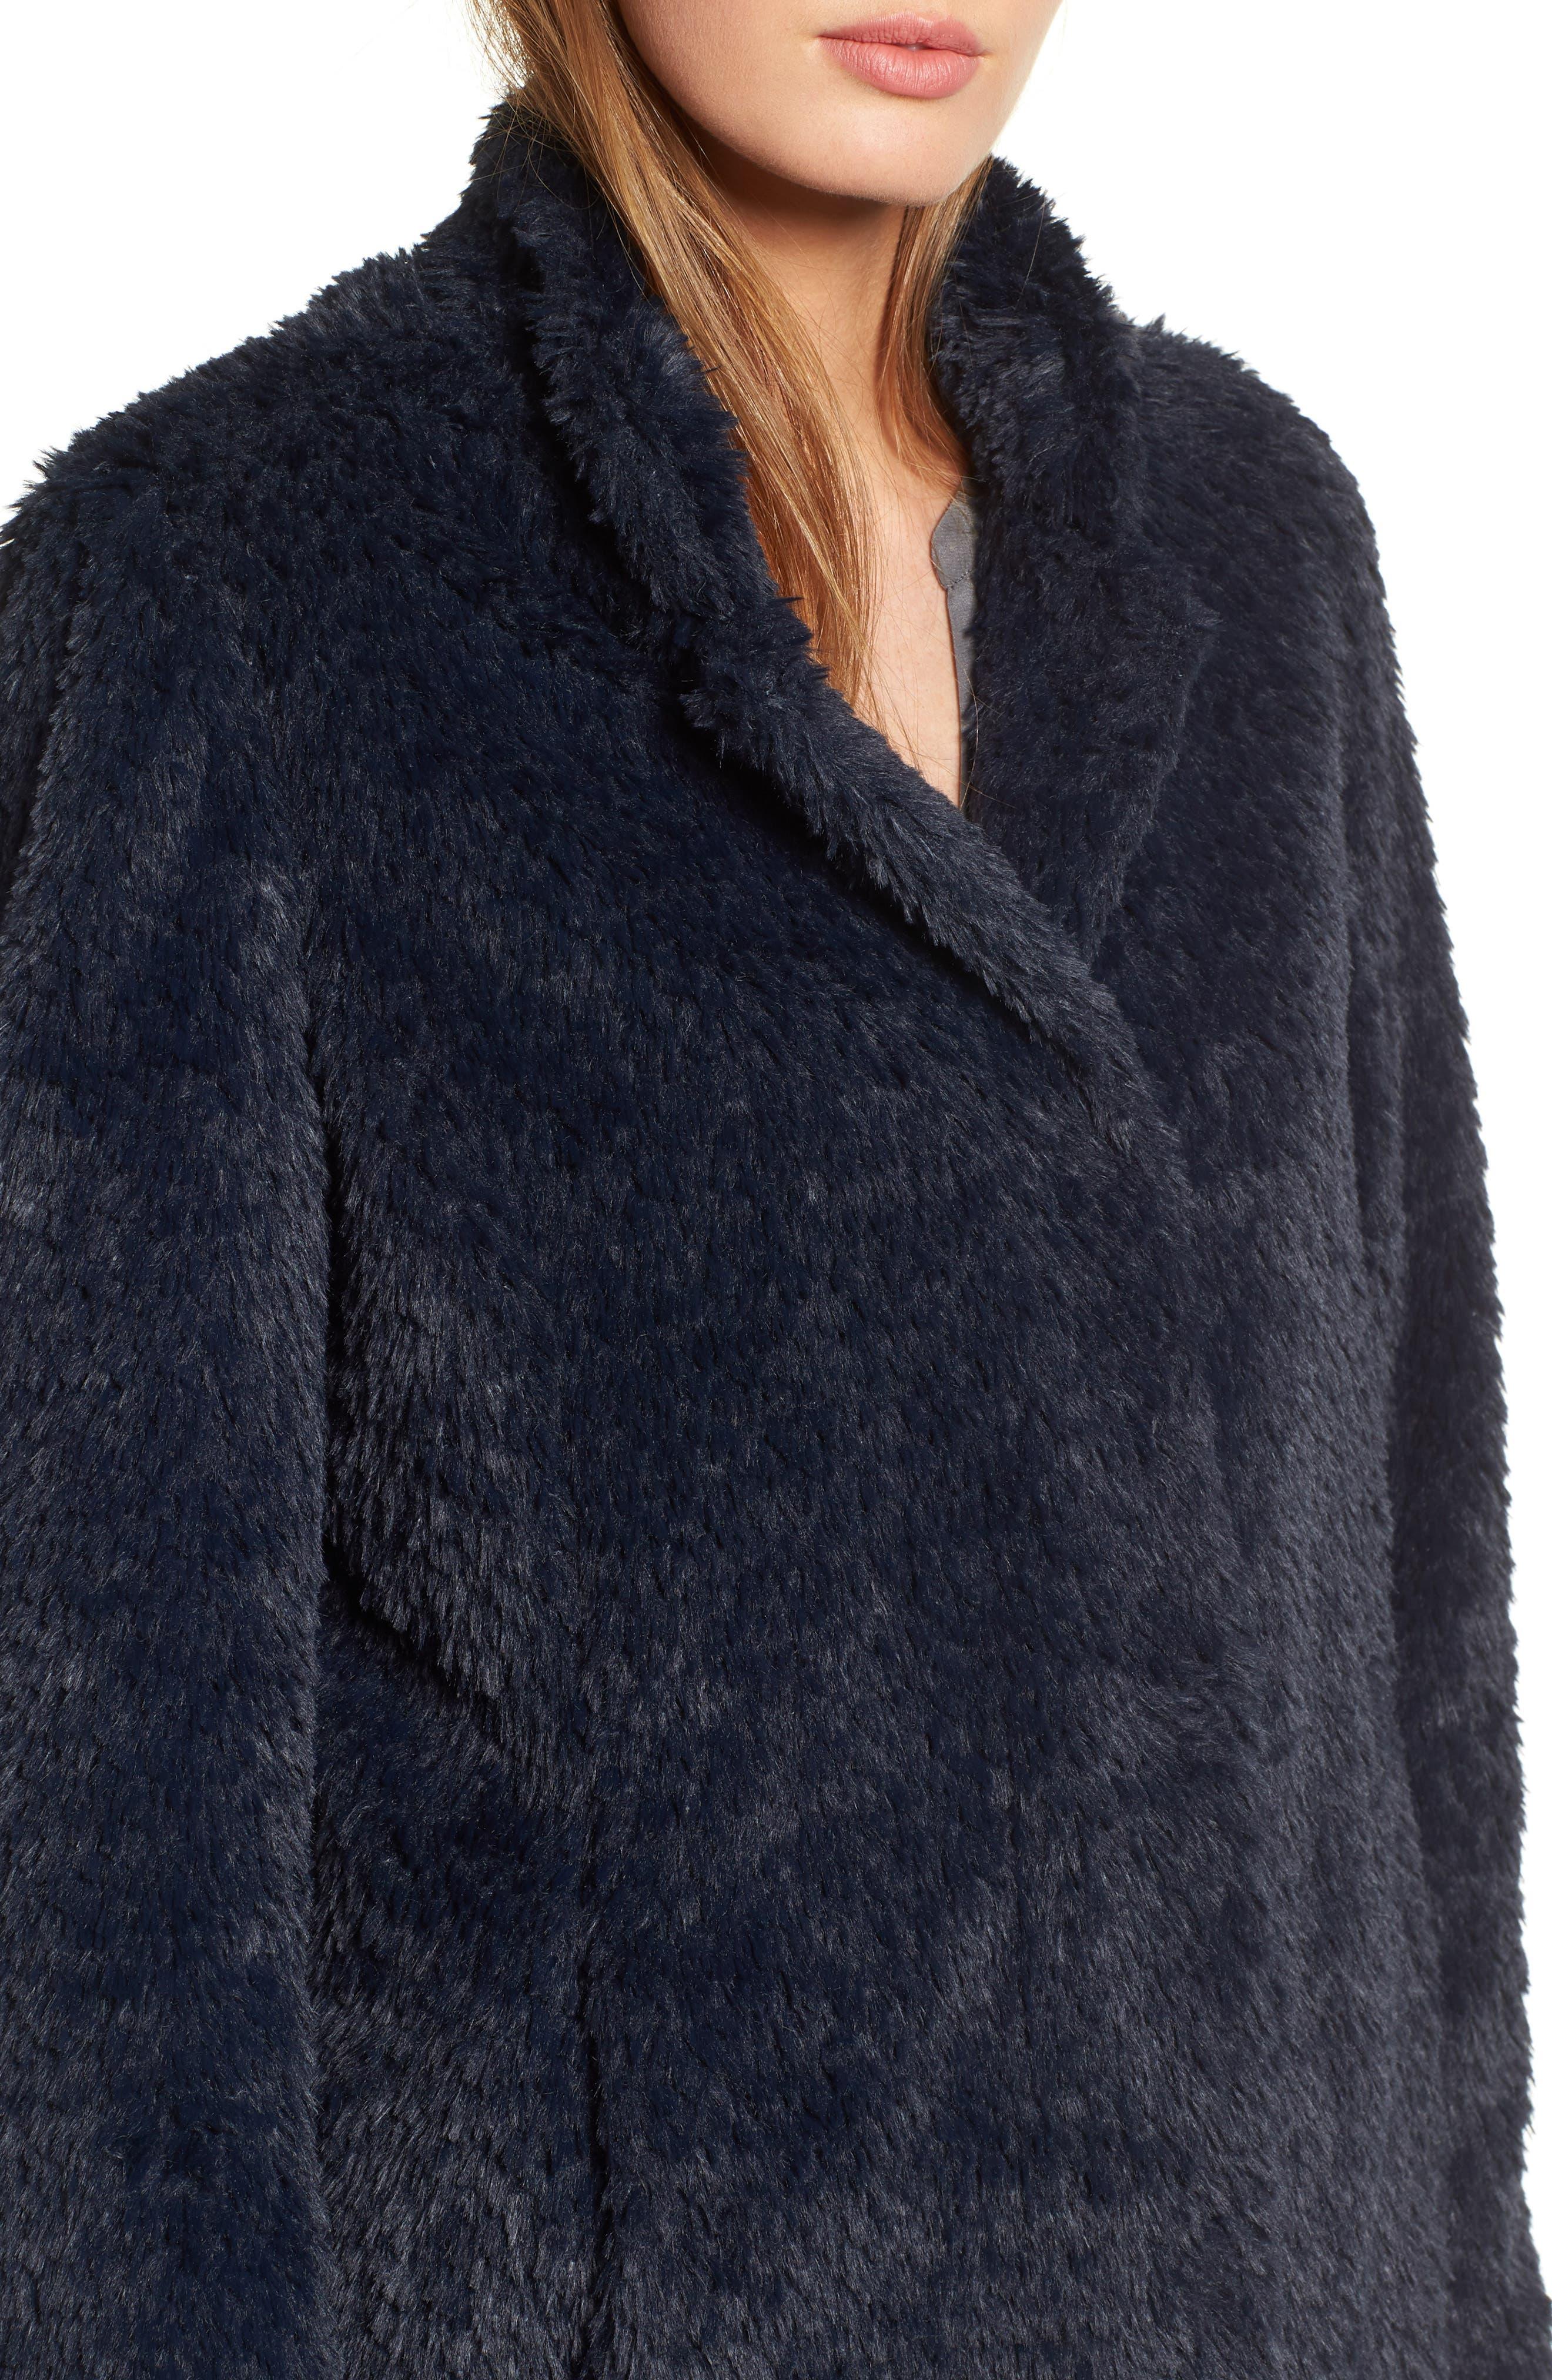 Faux Fur Jacket,                             Alternate thumbnail 21, color,